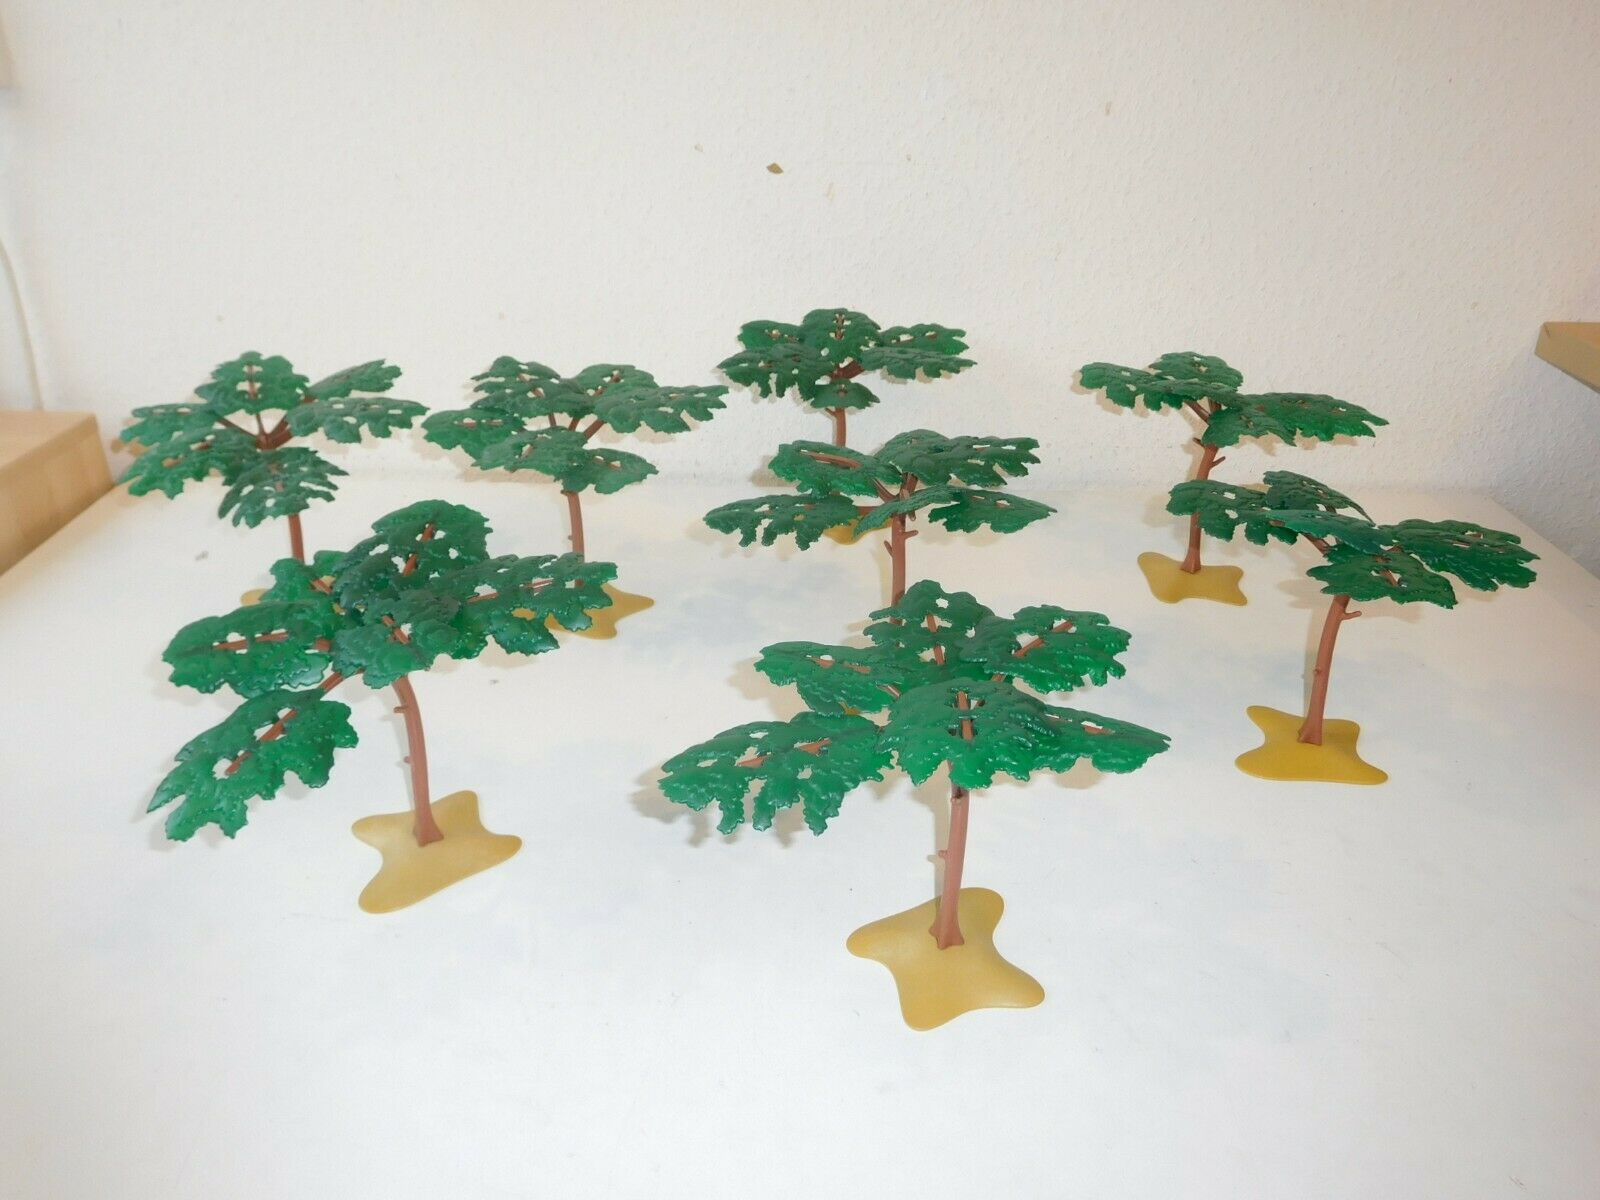 8 x PLAYMOBIL Forest Savanna  Africa Tree for 3414 3548 3433 6475 3666 5300  migliori prezzi e stili più freschi